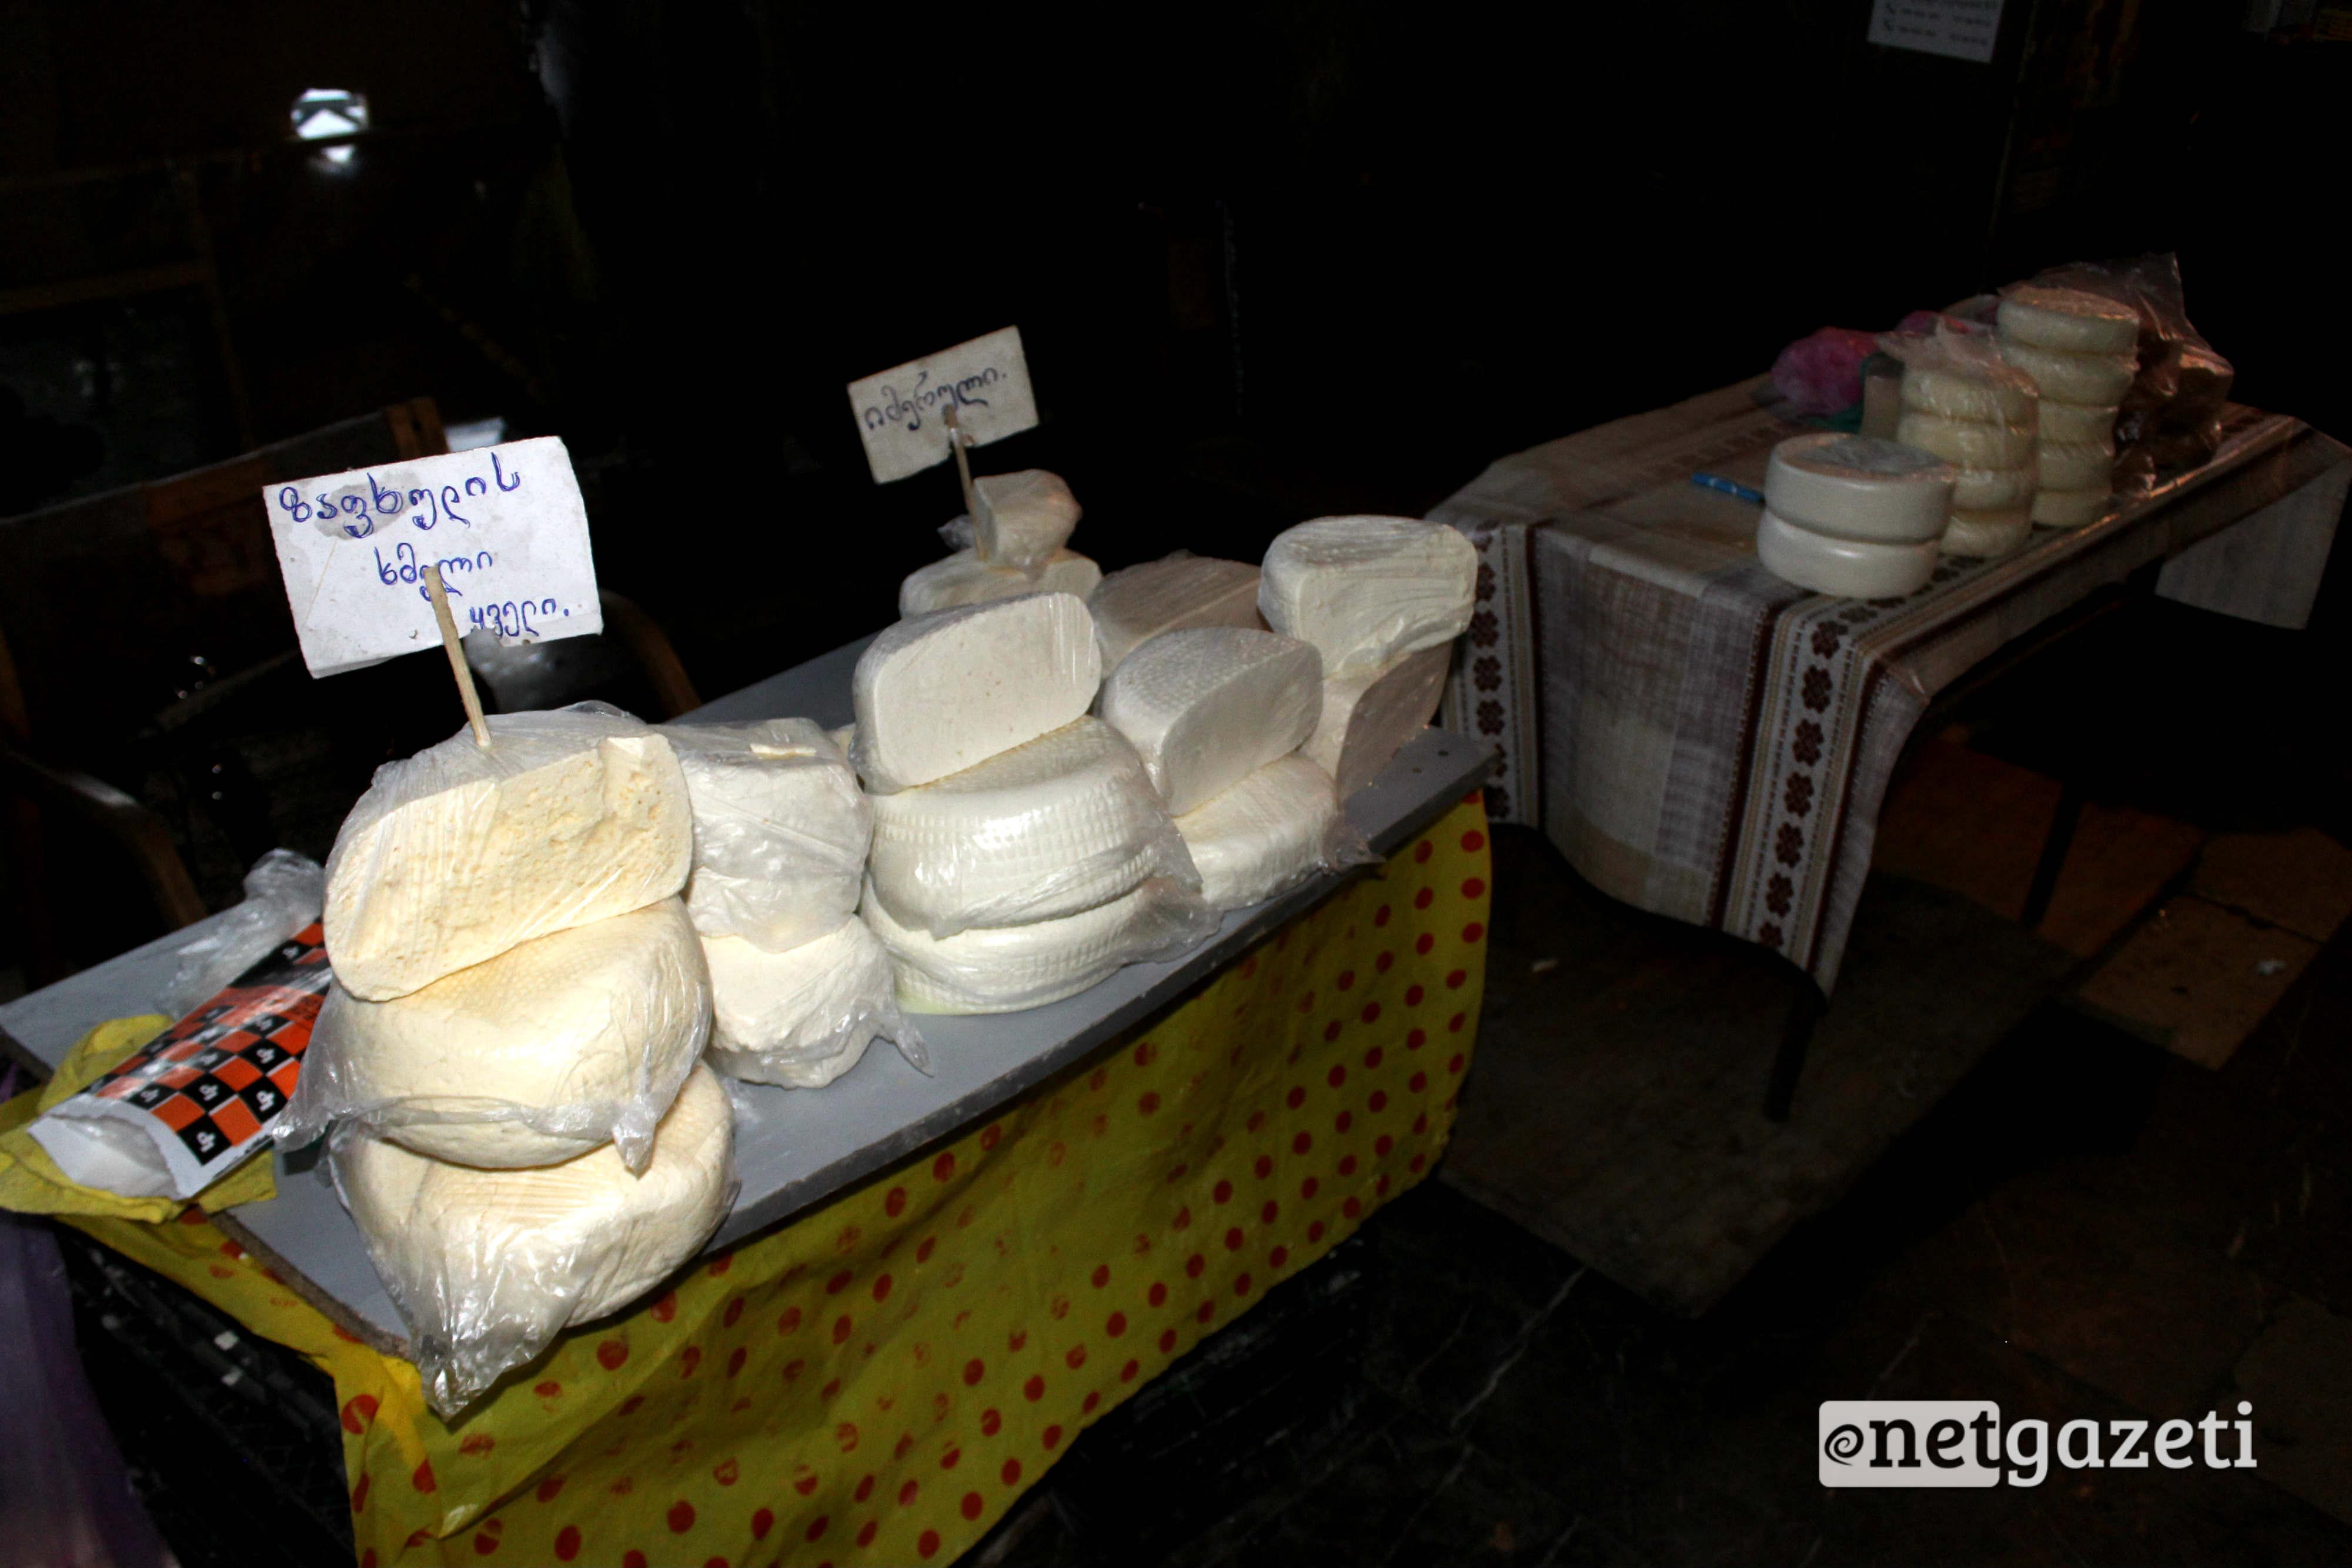 ყველი, ხილი, თბილისის ცენტრალური ბაზარი. ფოტო: გიორგი დიასამიძე/ნეტგაზეთი